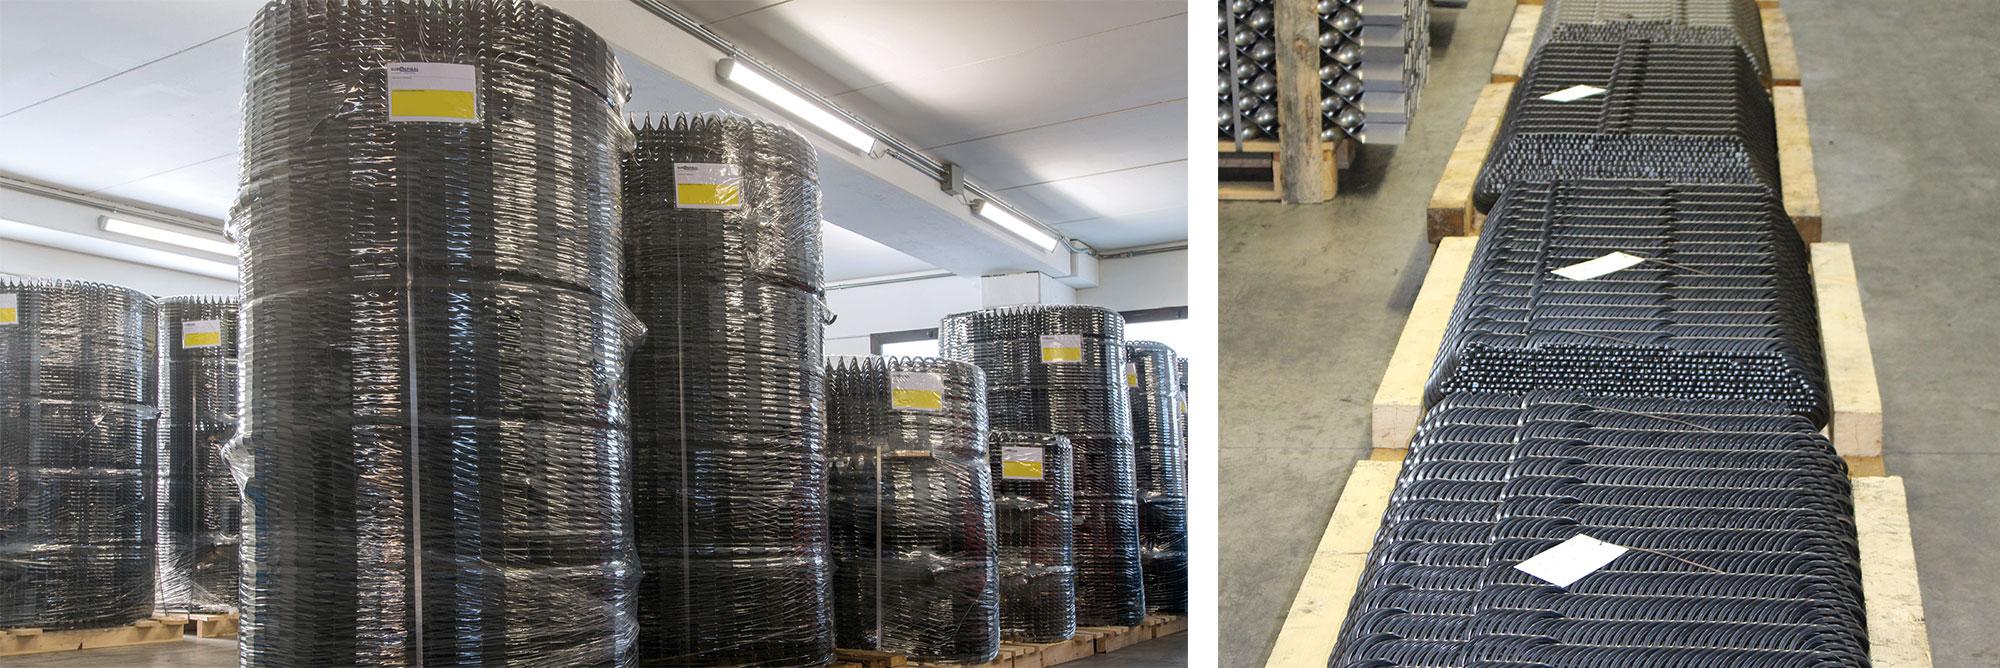 Spirali flessibili in acciaio per trasporto cippato, biomasse per caldaie e mangimi per impianti zootecnici di alimentazione automatica_gallery08